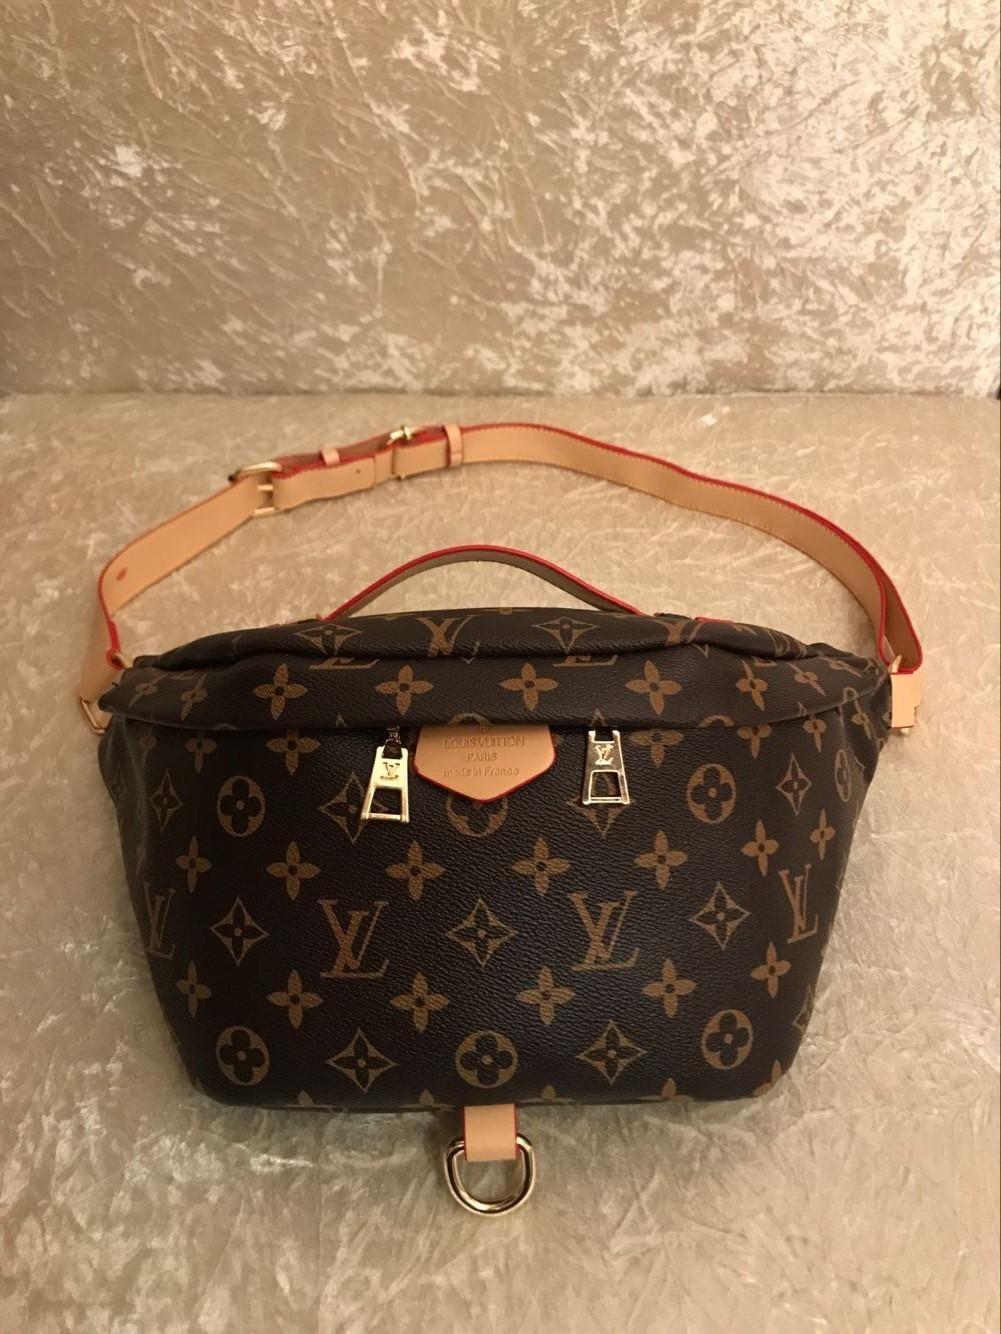 vendita superiore del nuovo cuoio delle donne della borsa della vita Solid Travel Bag vita Borse Donne Fanny pack Borse Bum Bag Belt